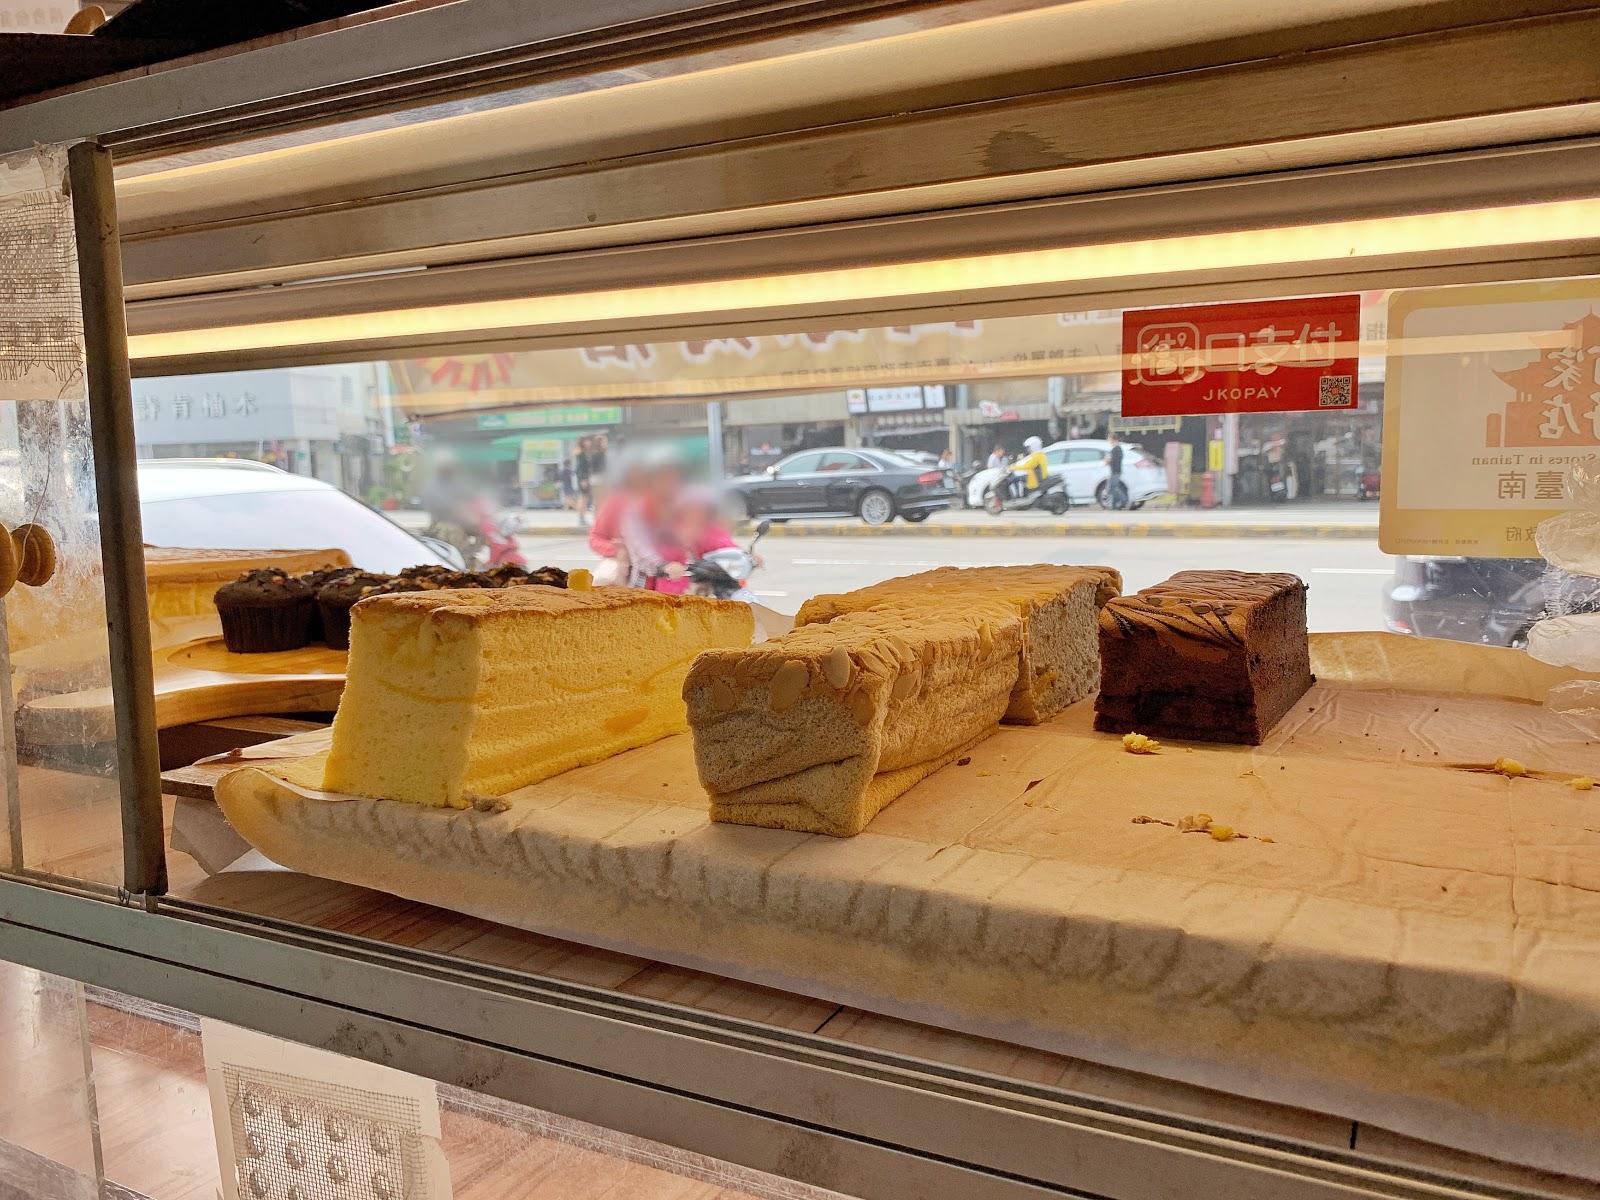 台南中西區美食【橘香合-蛋糕職人】古早味蛋糕